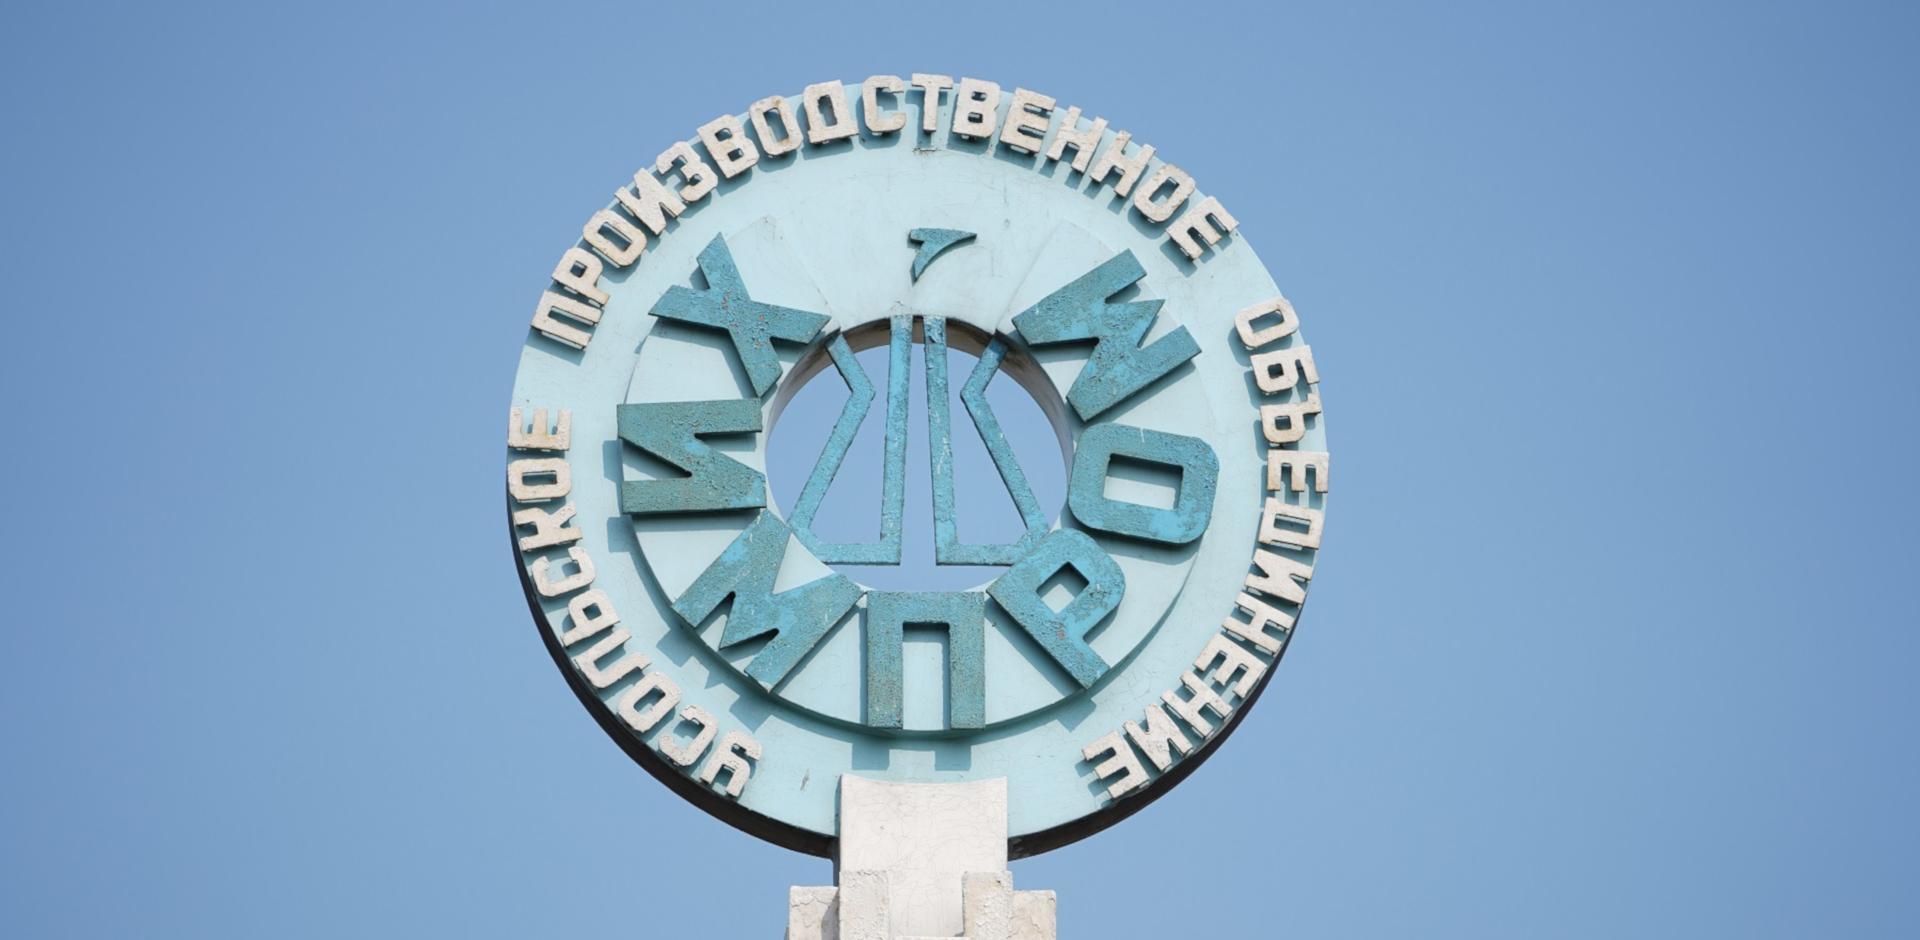 «Усольехимпром» было основано в 1936 году